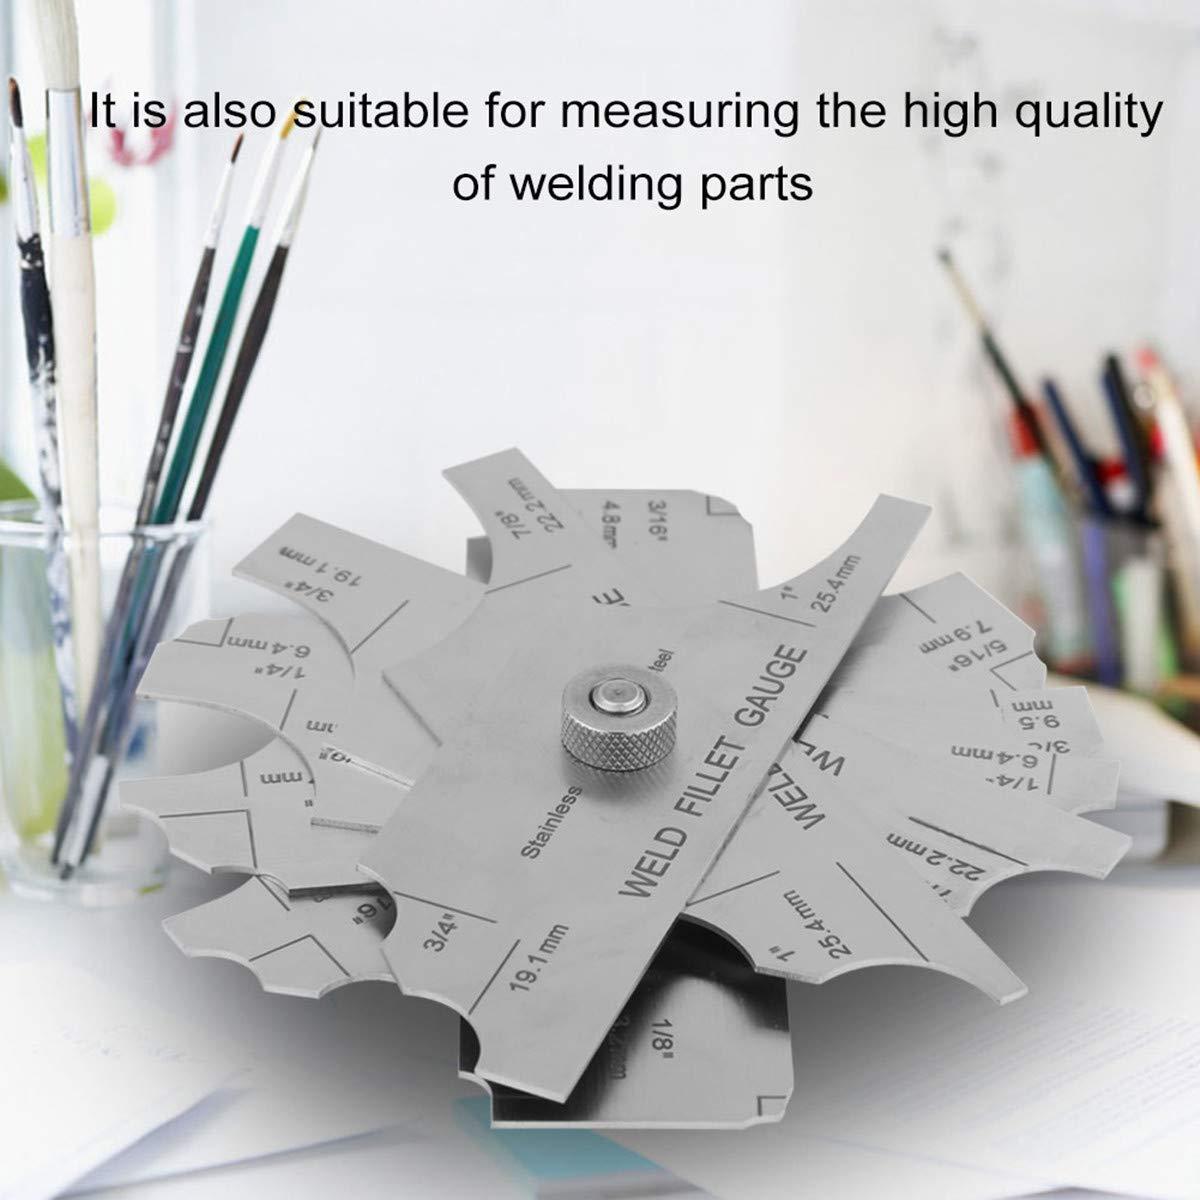 Fillet Weld Gauge Gage Set Stainless Steel Welding Inspection Gauge Inch Metric